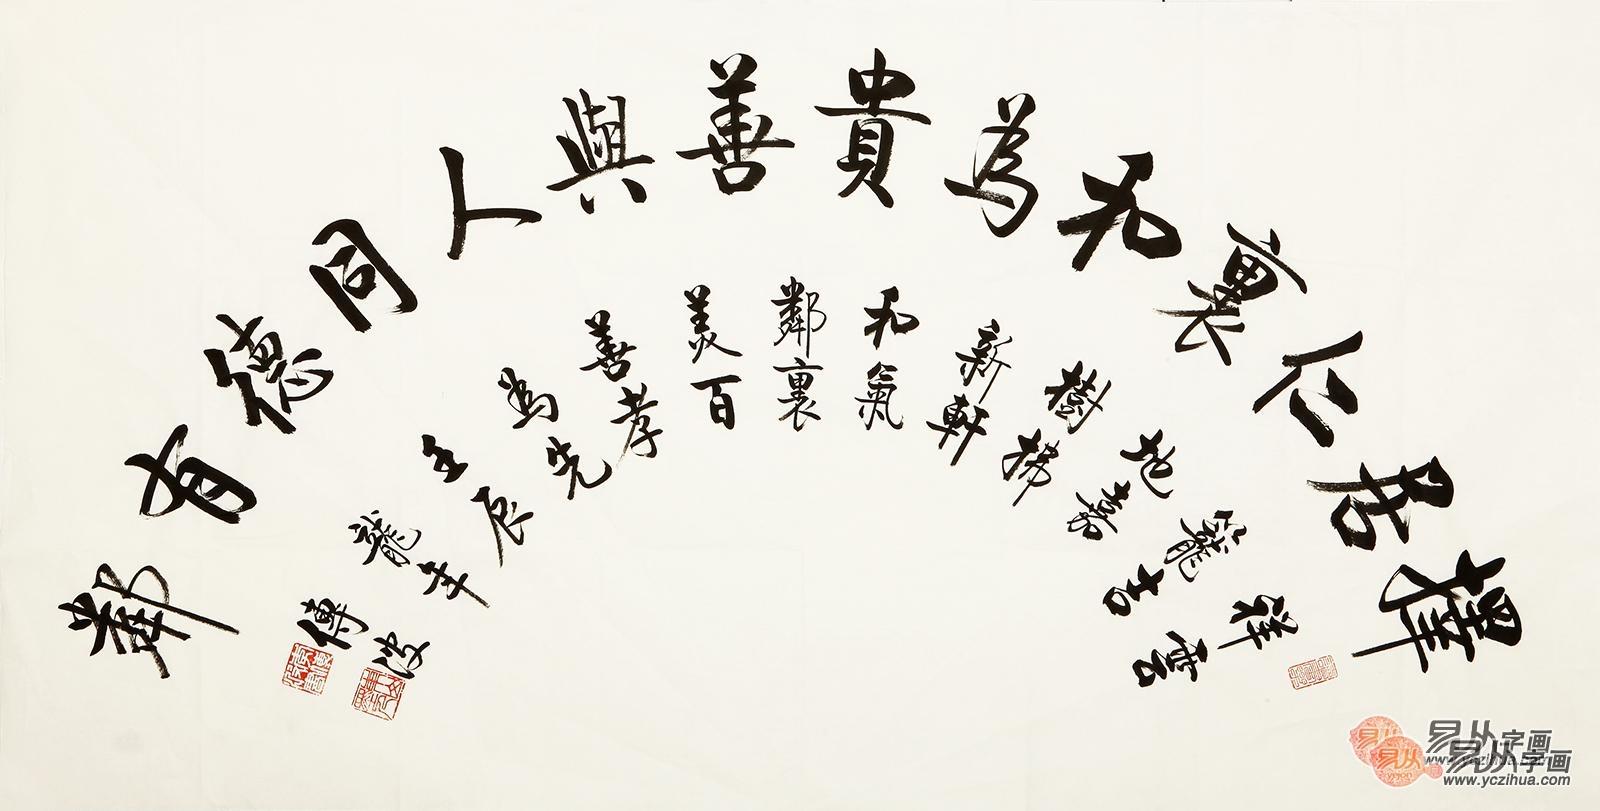 李传波四尺横幅书法作品《择居仁里和为贵》来自【易从网】-会发芽图片